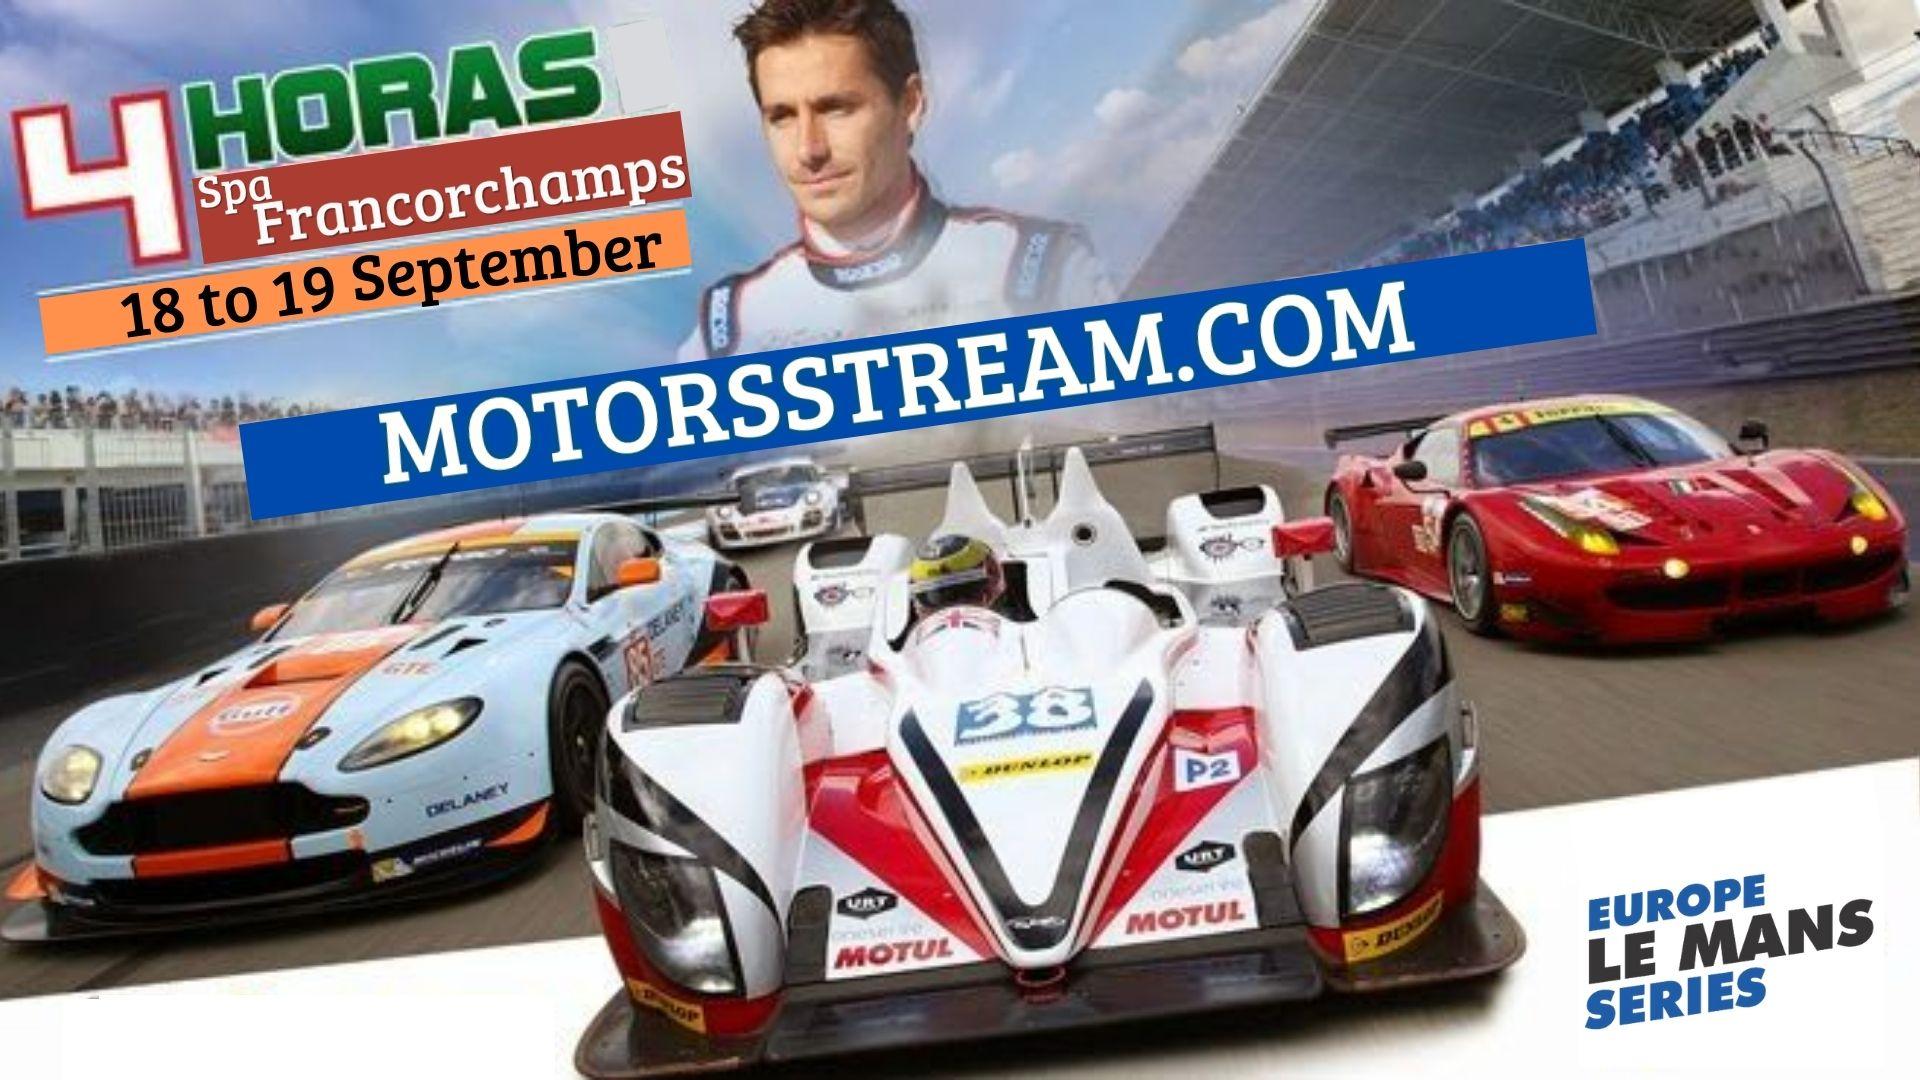 4 Hours Of Belgium Live Stream 2021 | European Le Mans Series